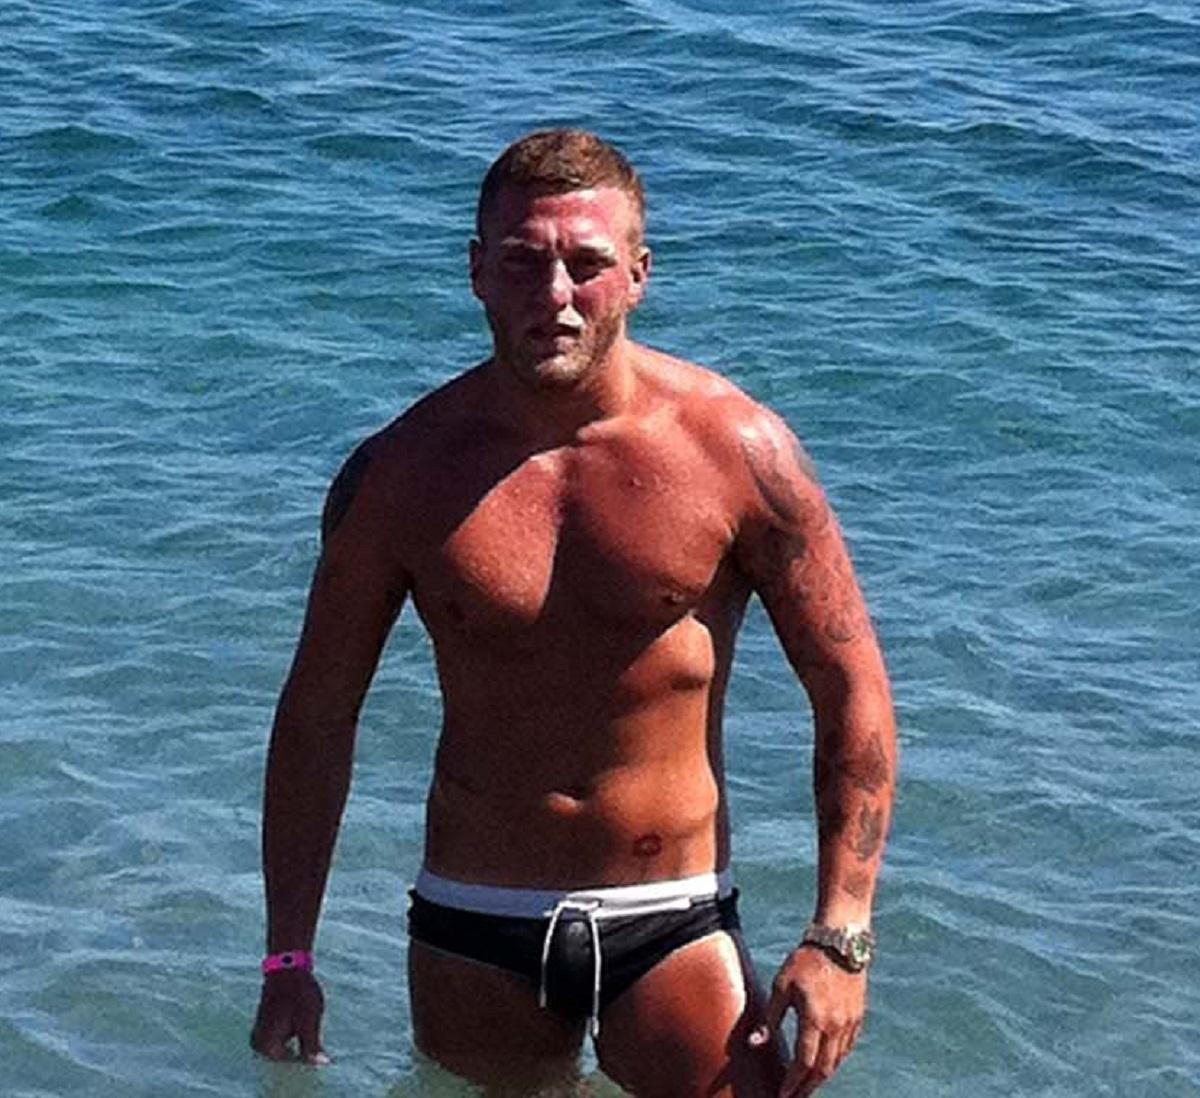 Ibiza sparatoria villa festa 28enne ferito Michele Guadagno autore